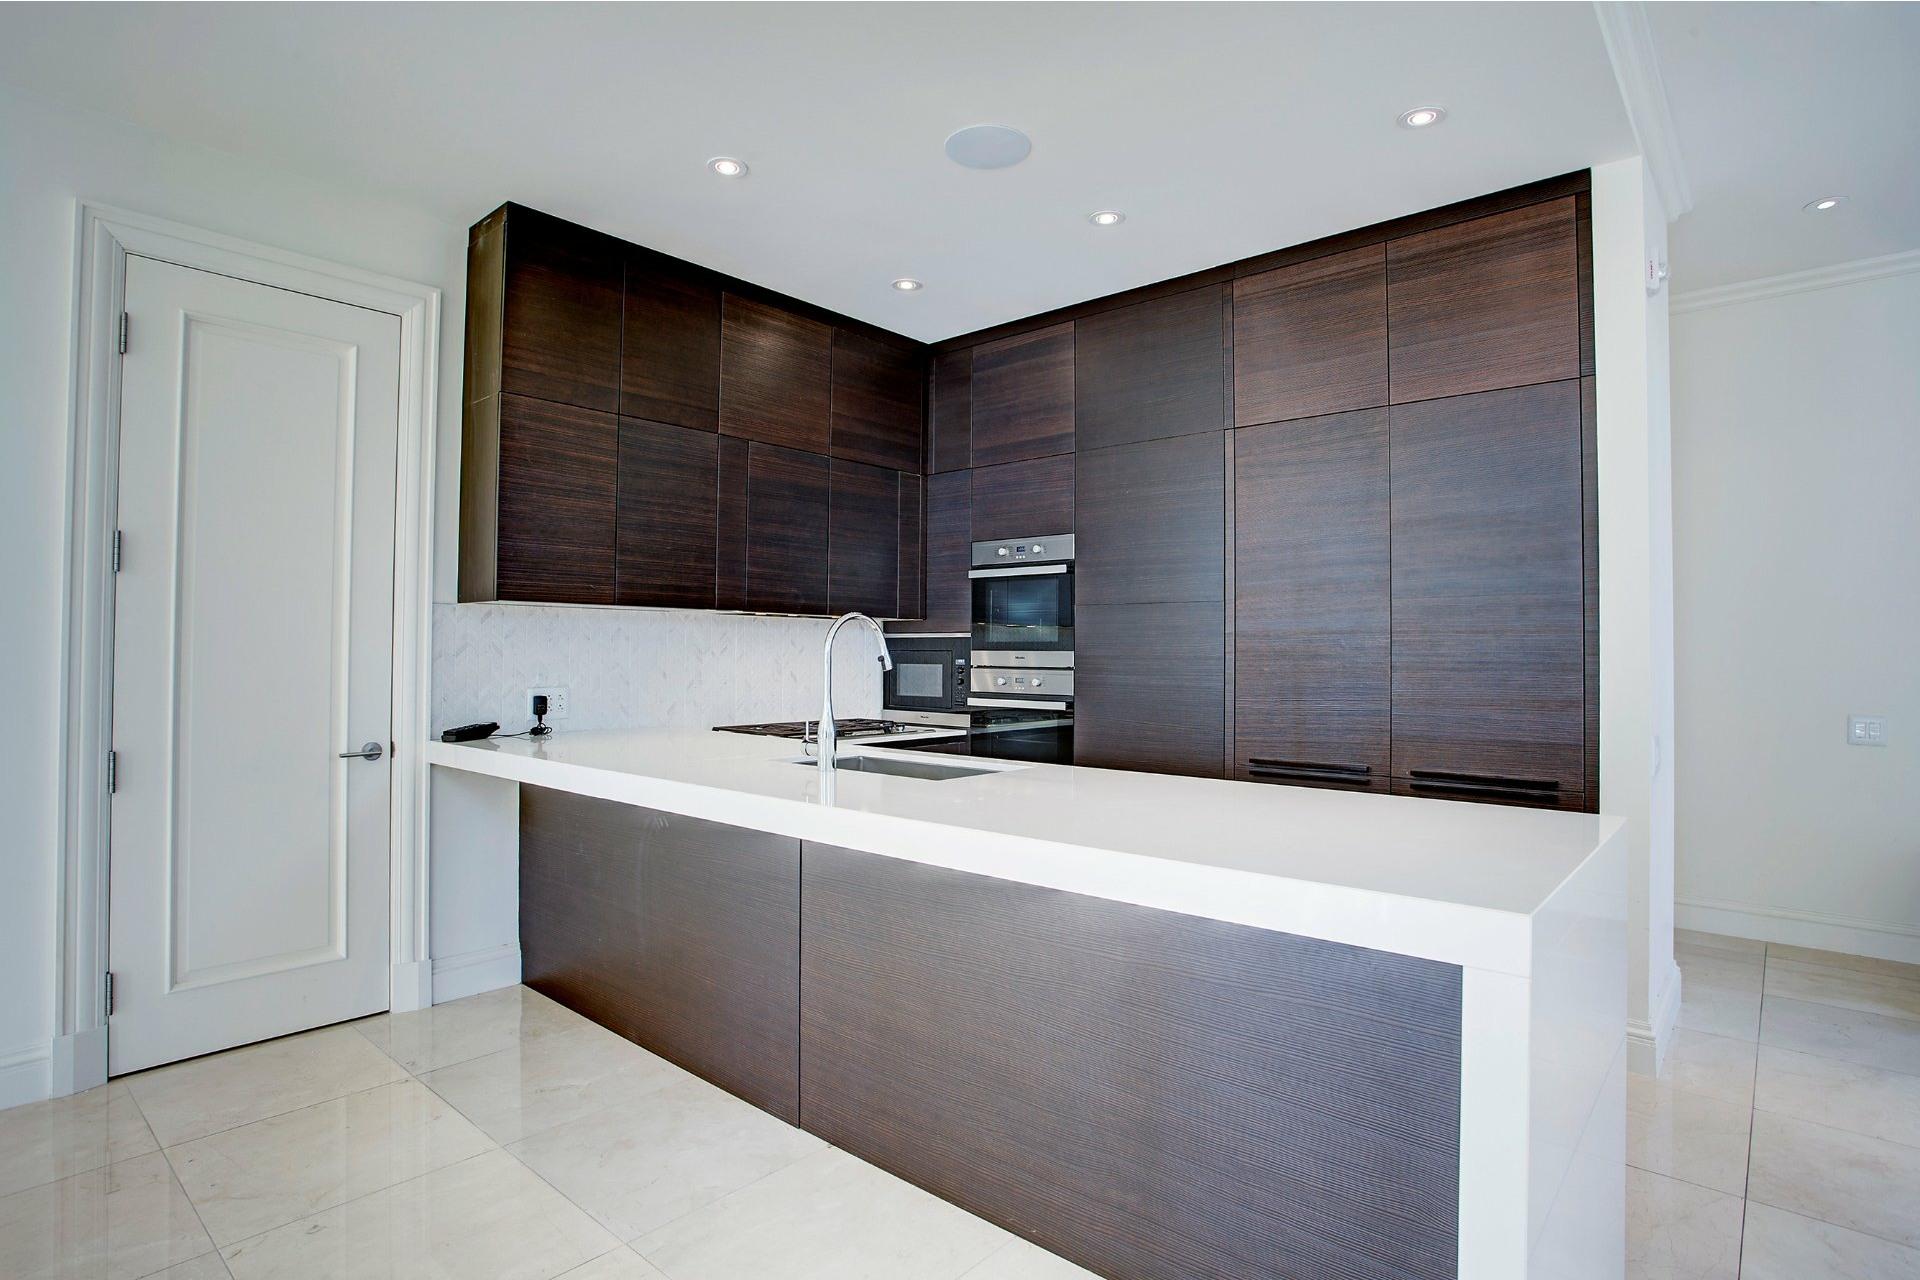 image 11 - Appartement À vendre Ville-Marie Montréal  - 4 pièces